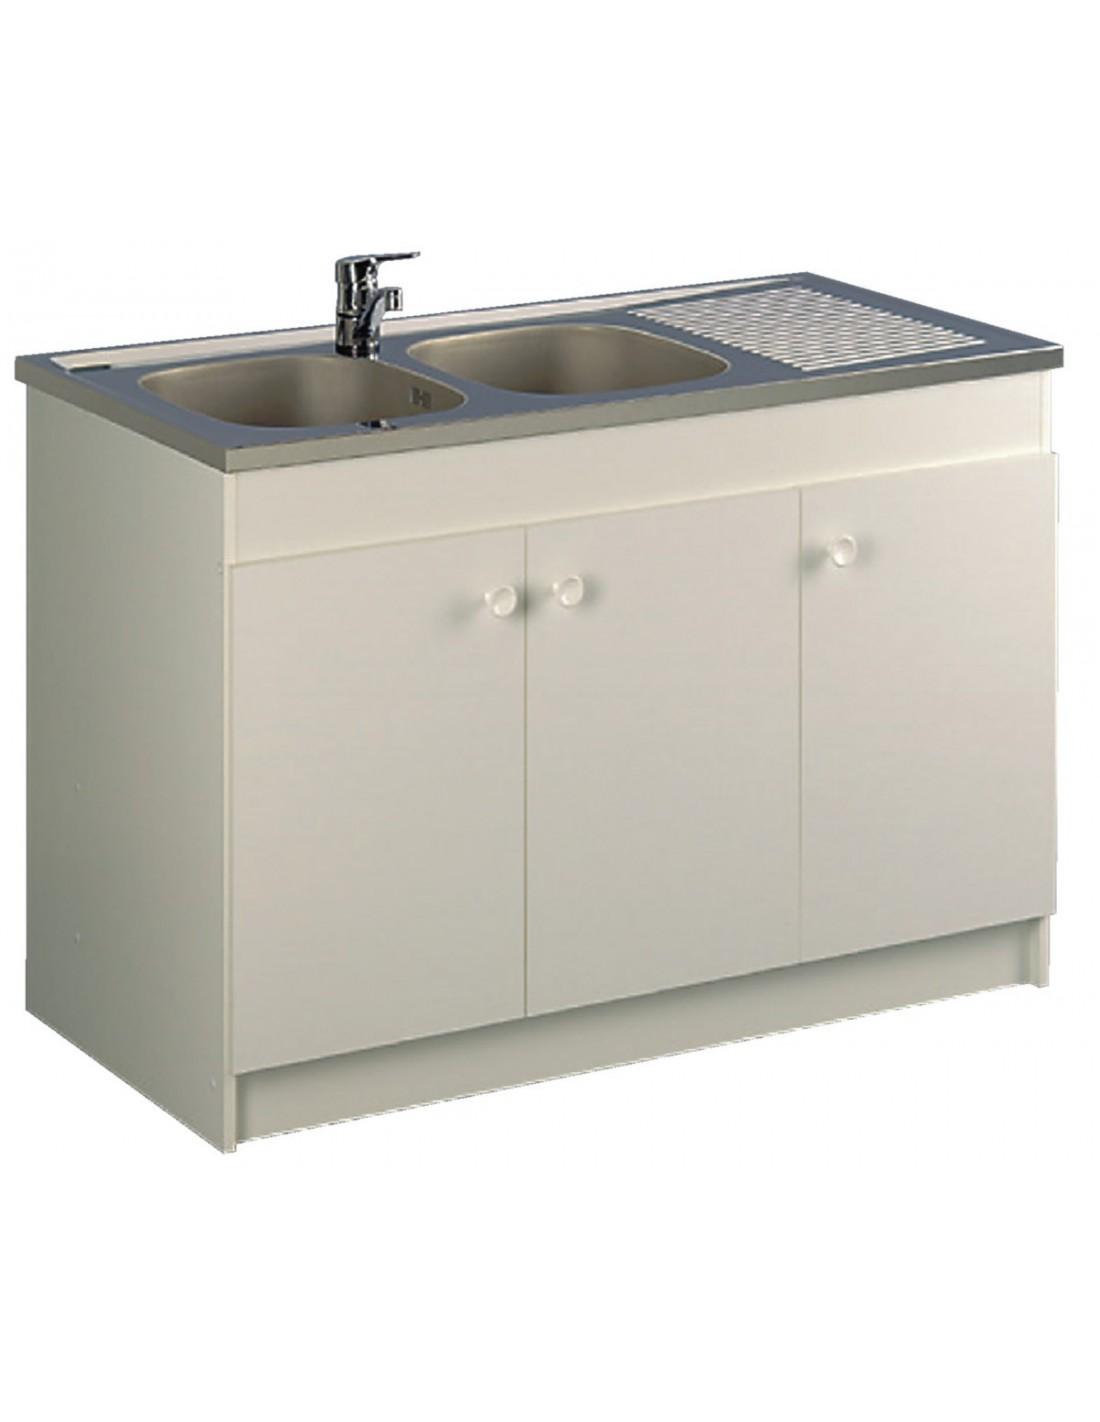 meuble sous vier leader hydrofuge aquarine. Black Bedroom Furniture Sets. Home Design Ideas